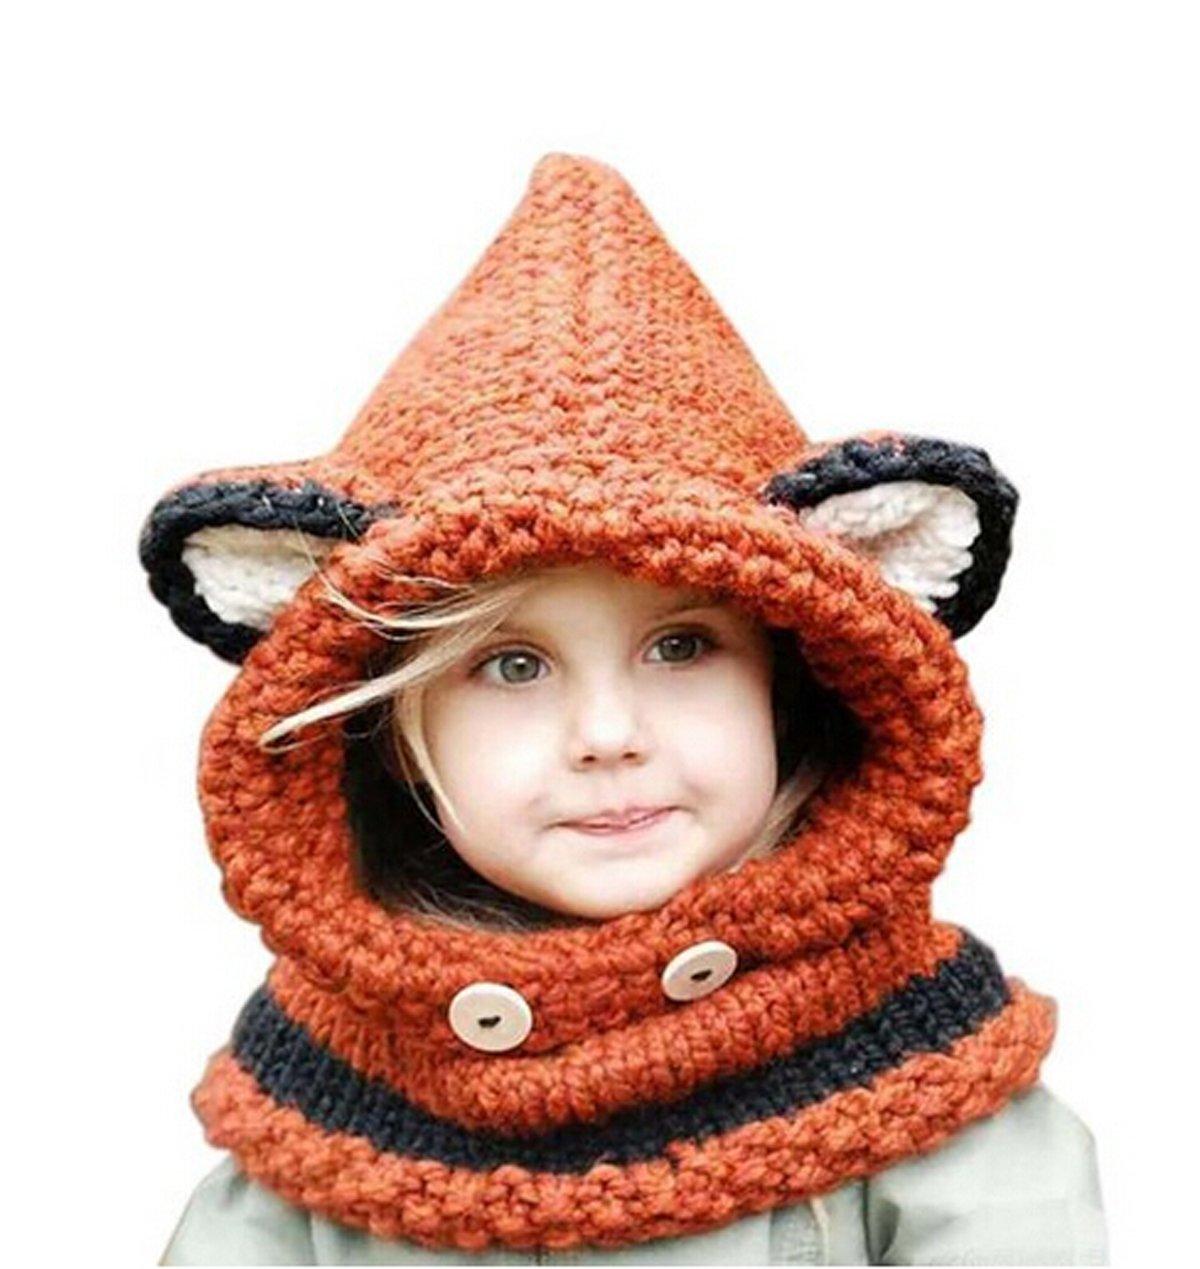 Juego de invierno de Jastore, para niñas, gorro y bufanda para invierno, con lindo diseño de zorro naranja naranja: Amazon.es: Bebé